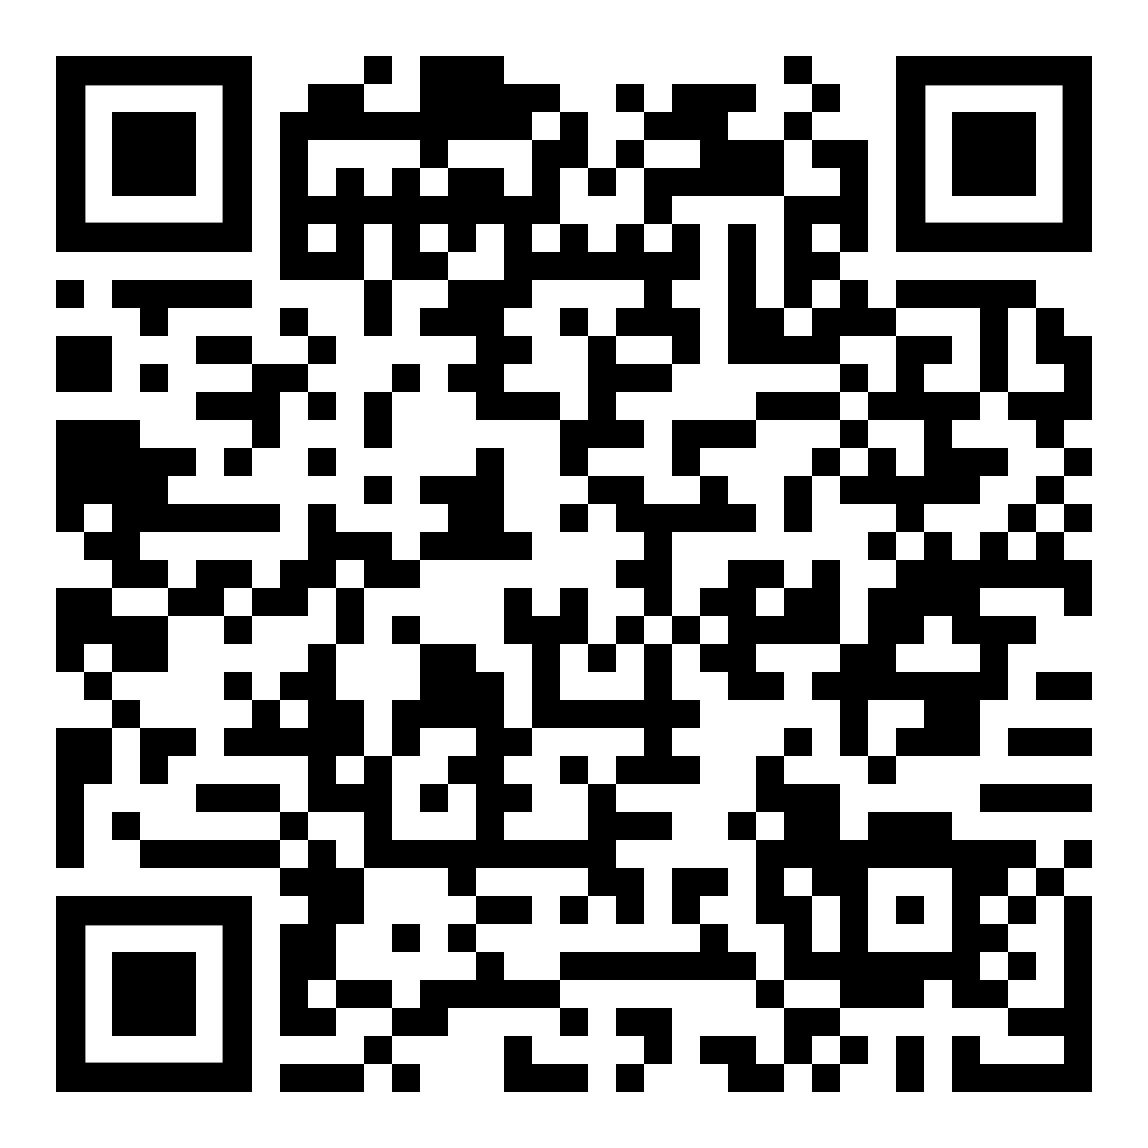 148490ea4fe8d5ad9f706f71bec761c9e94514_.png